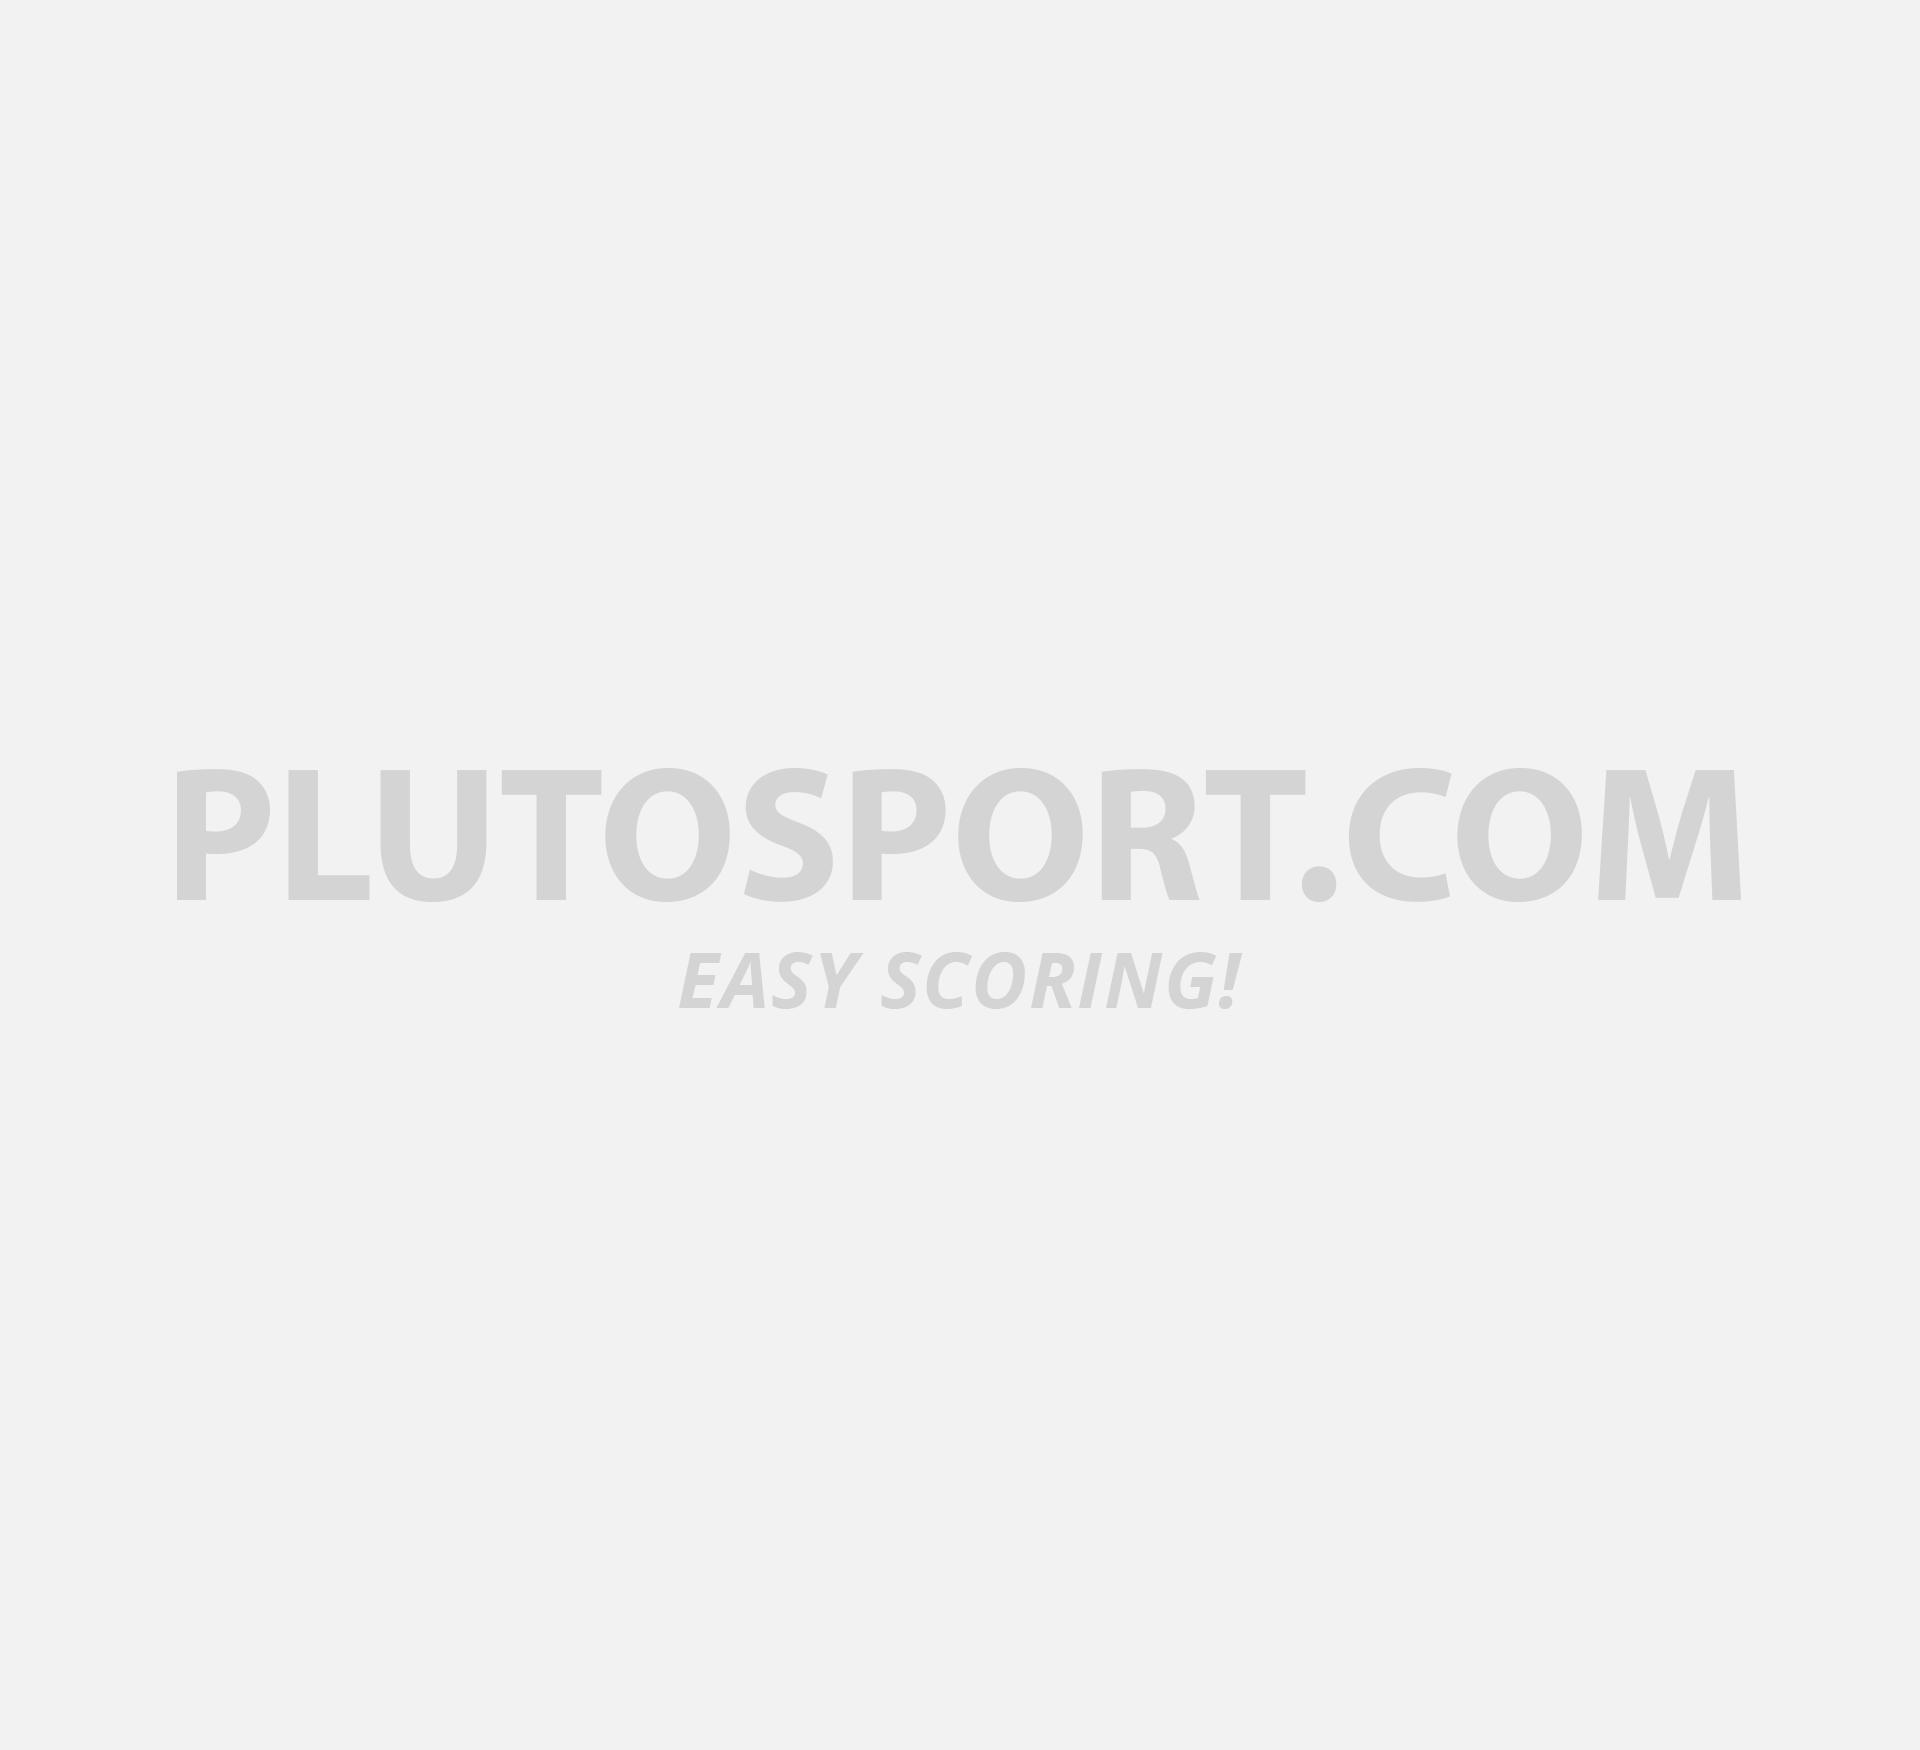 Adidas Adipure 11Pro TRX FG Football Shoes Wms